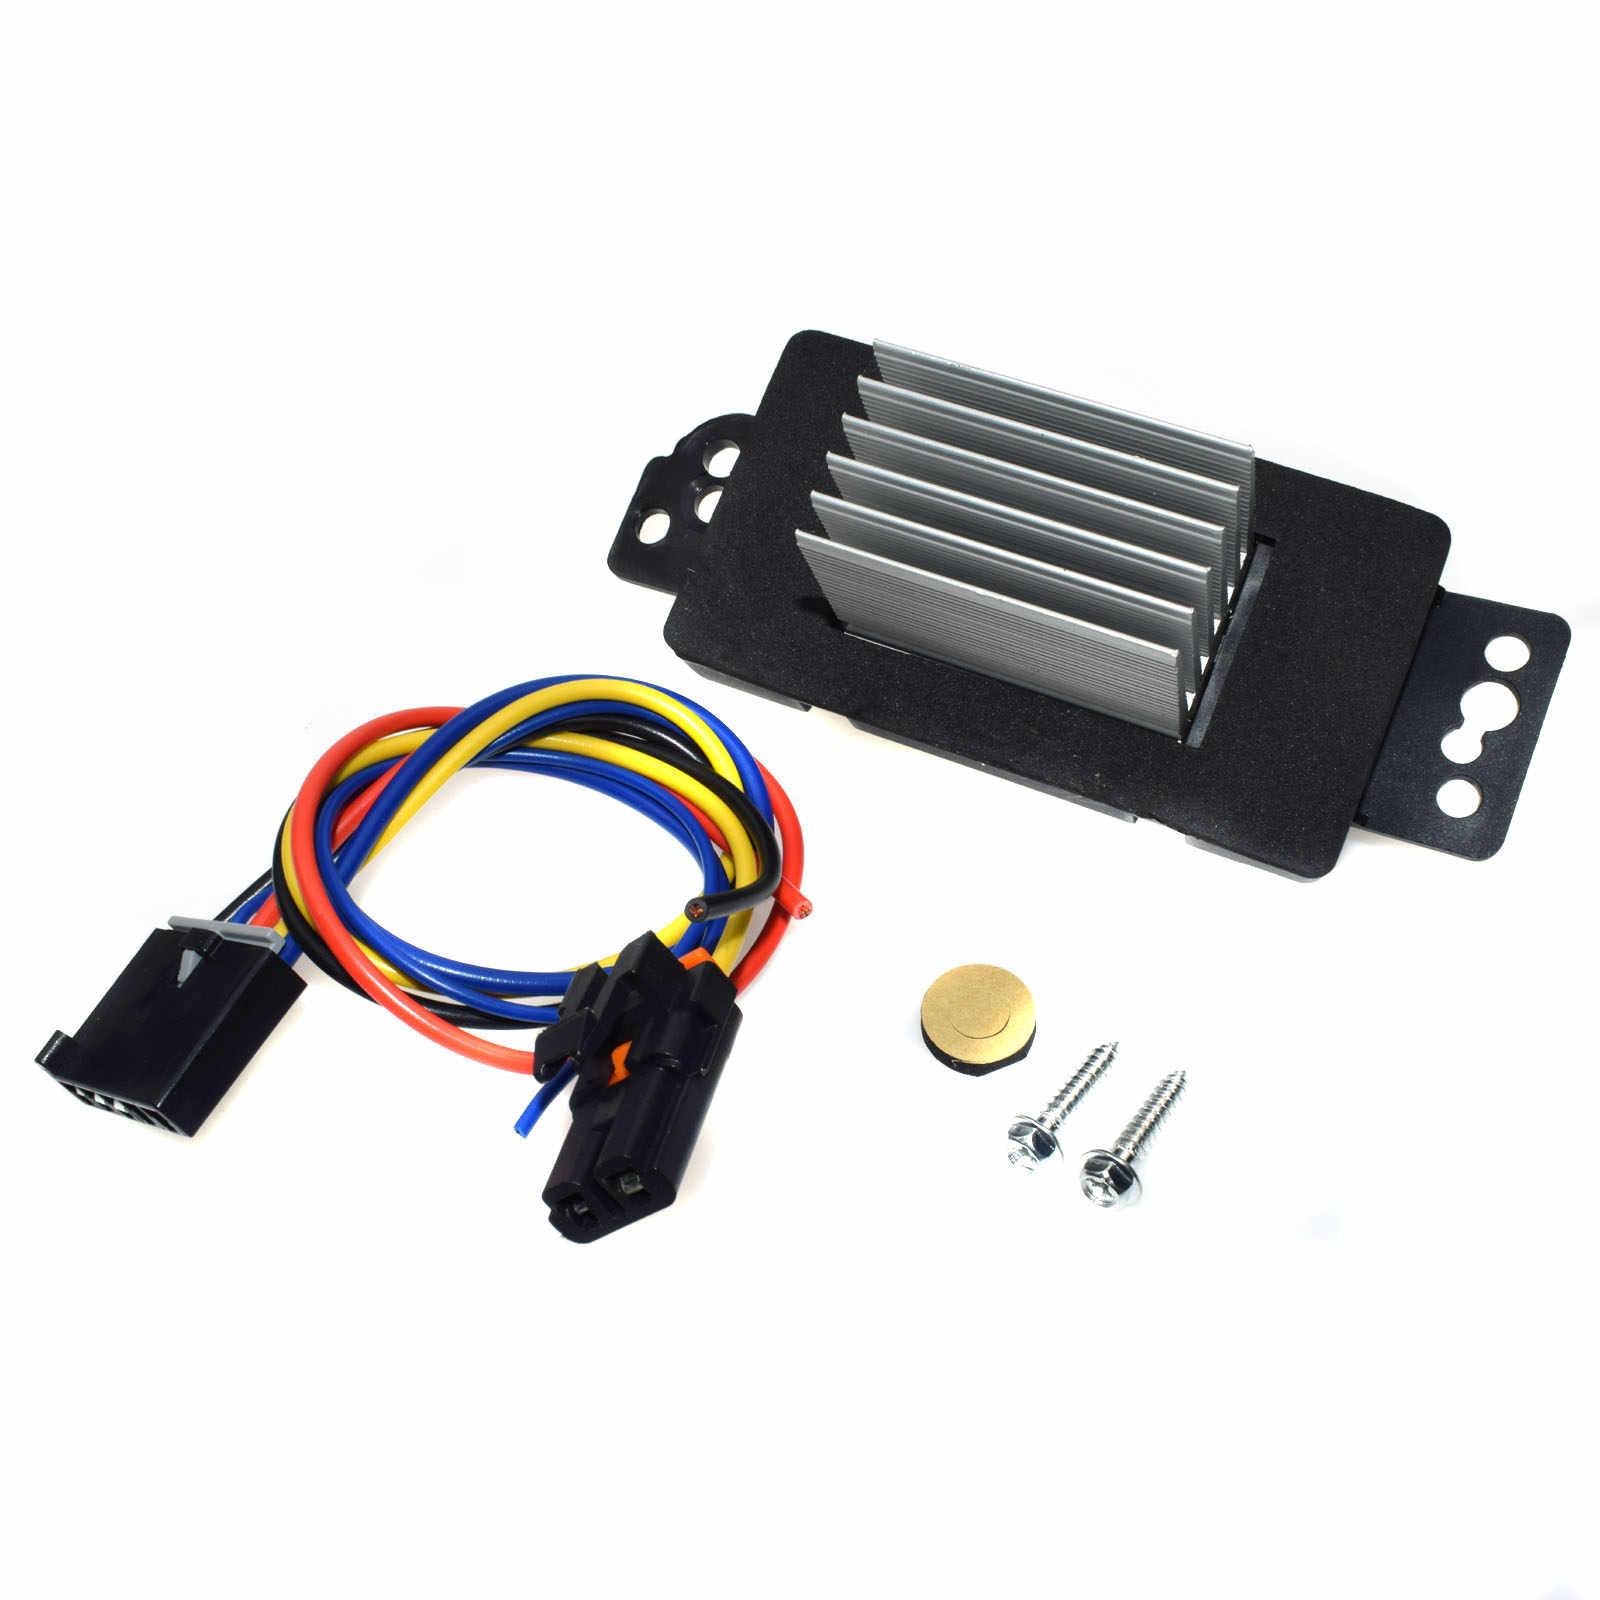 Wolfigo Новый ОВКВ электродвигатель вентилятора резистор с пучок штепселя 15850268 22754990 RU359 1580888 для резистор для Шевроле Понтиак Impala Buick